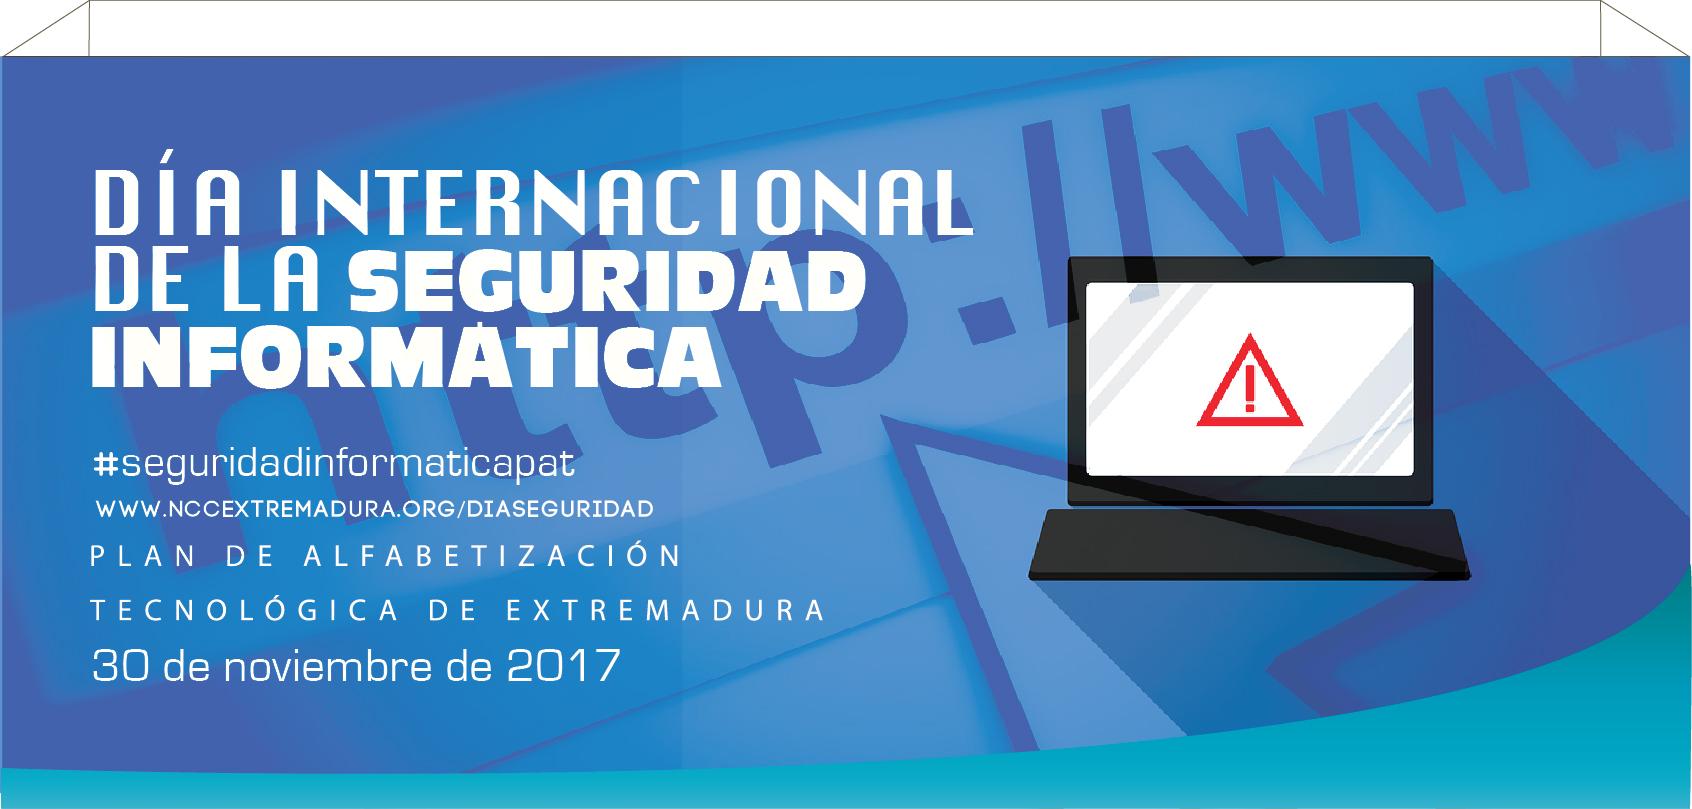 El Plan de Alfabetización Tecnológica celebra el Día de la seguridad informática